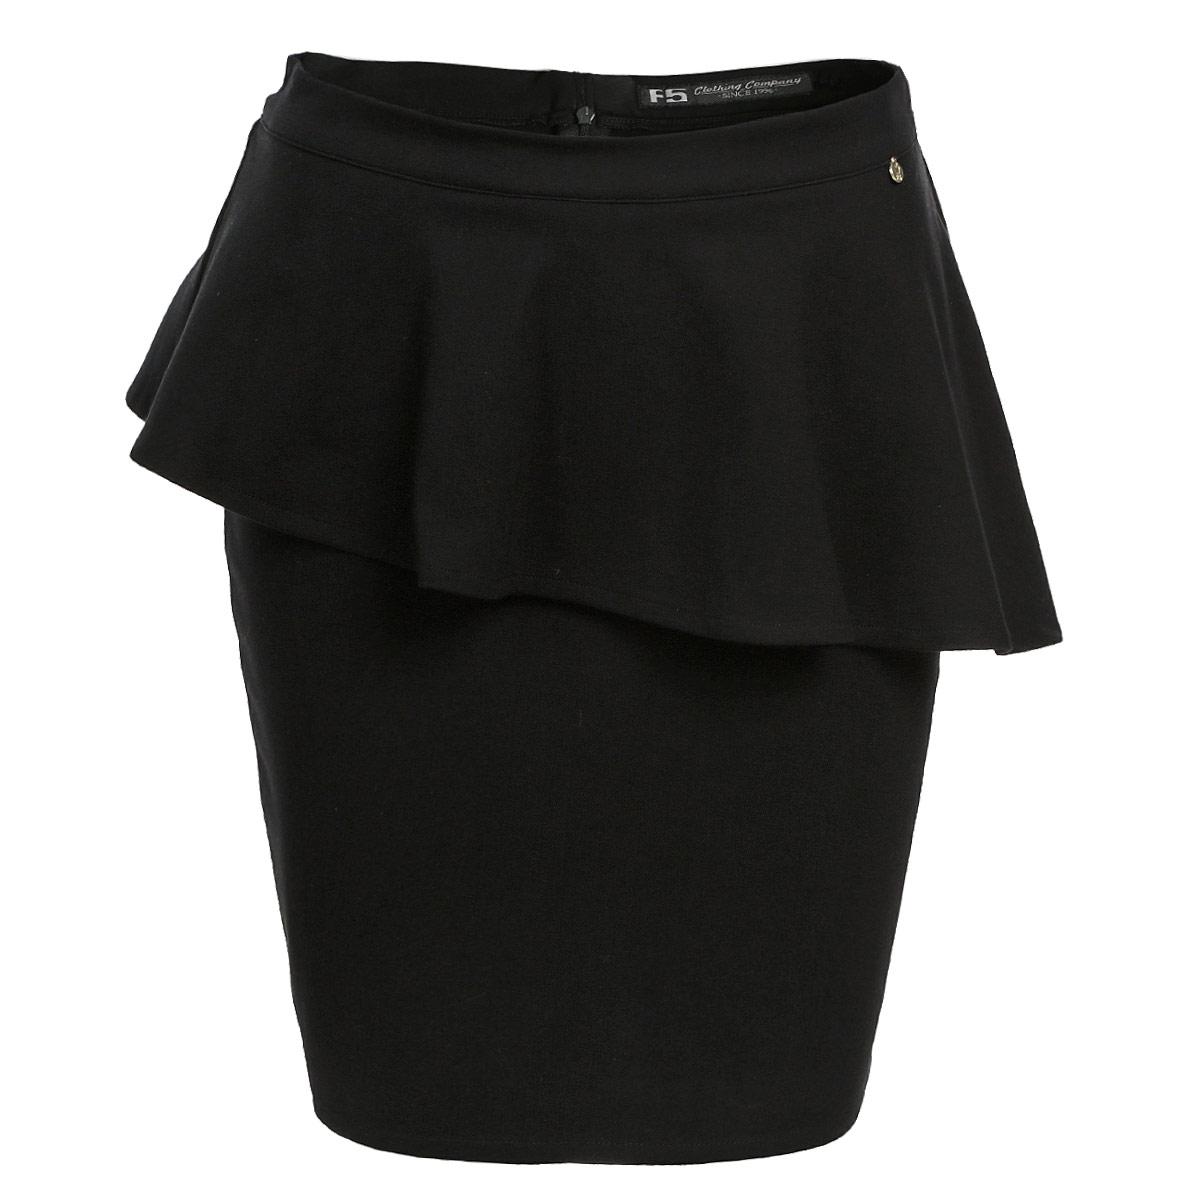 Юбка. 1331113311Стильная юбка F5 изготовлена из плотного эластичного материала, приятного на ощупь. Юбка длины миди подчеркнет все достоинства вашей фигуры. Модель оформлена ассиметричной баской. Сзади юбка застегивается на потайную молнию. Эта модная юбка - отличный вариант на каждый день. Она займет достойное место в вашем гардеробе и подчеркнет ваш безупречный вкус.